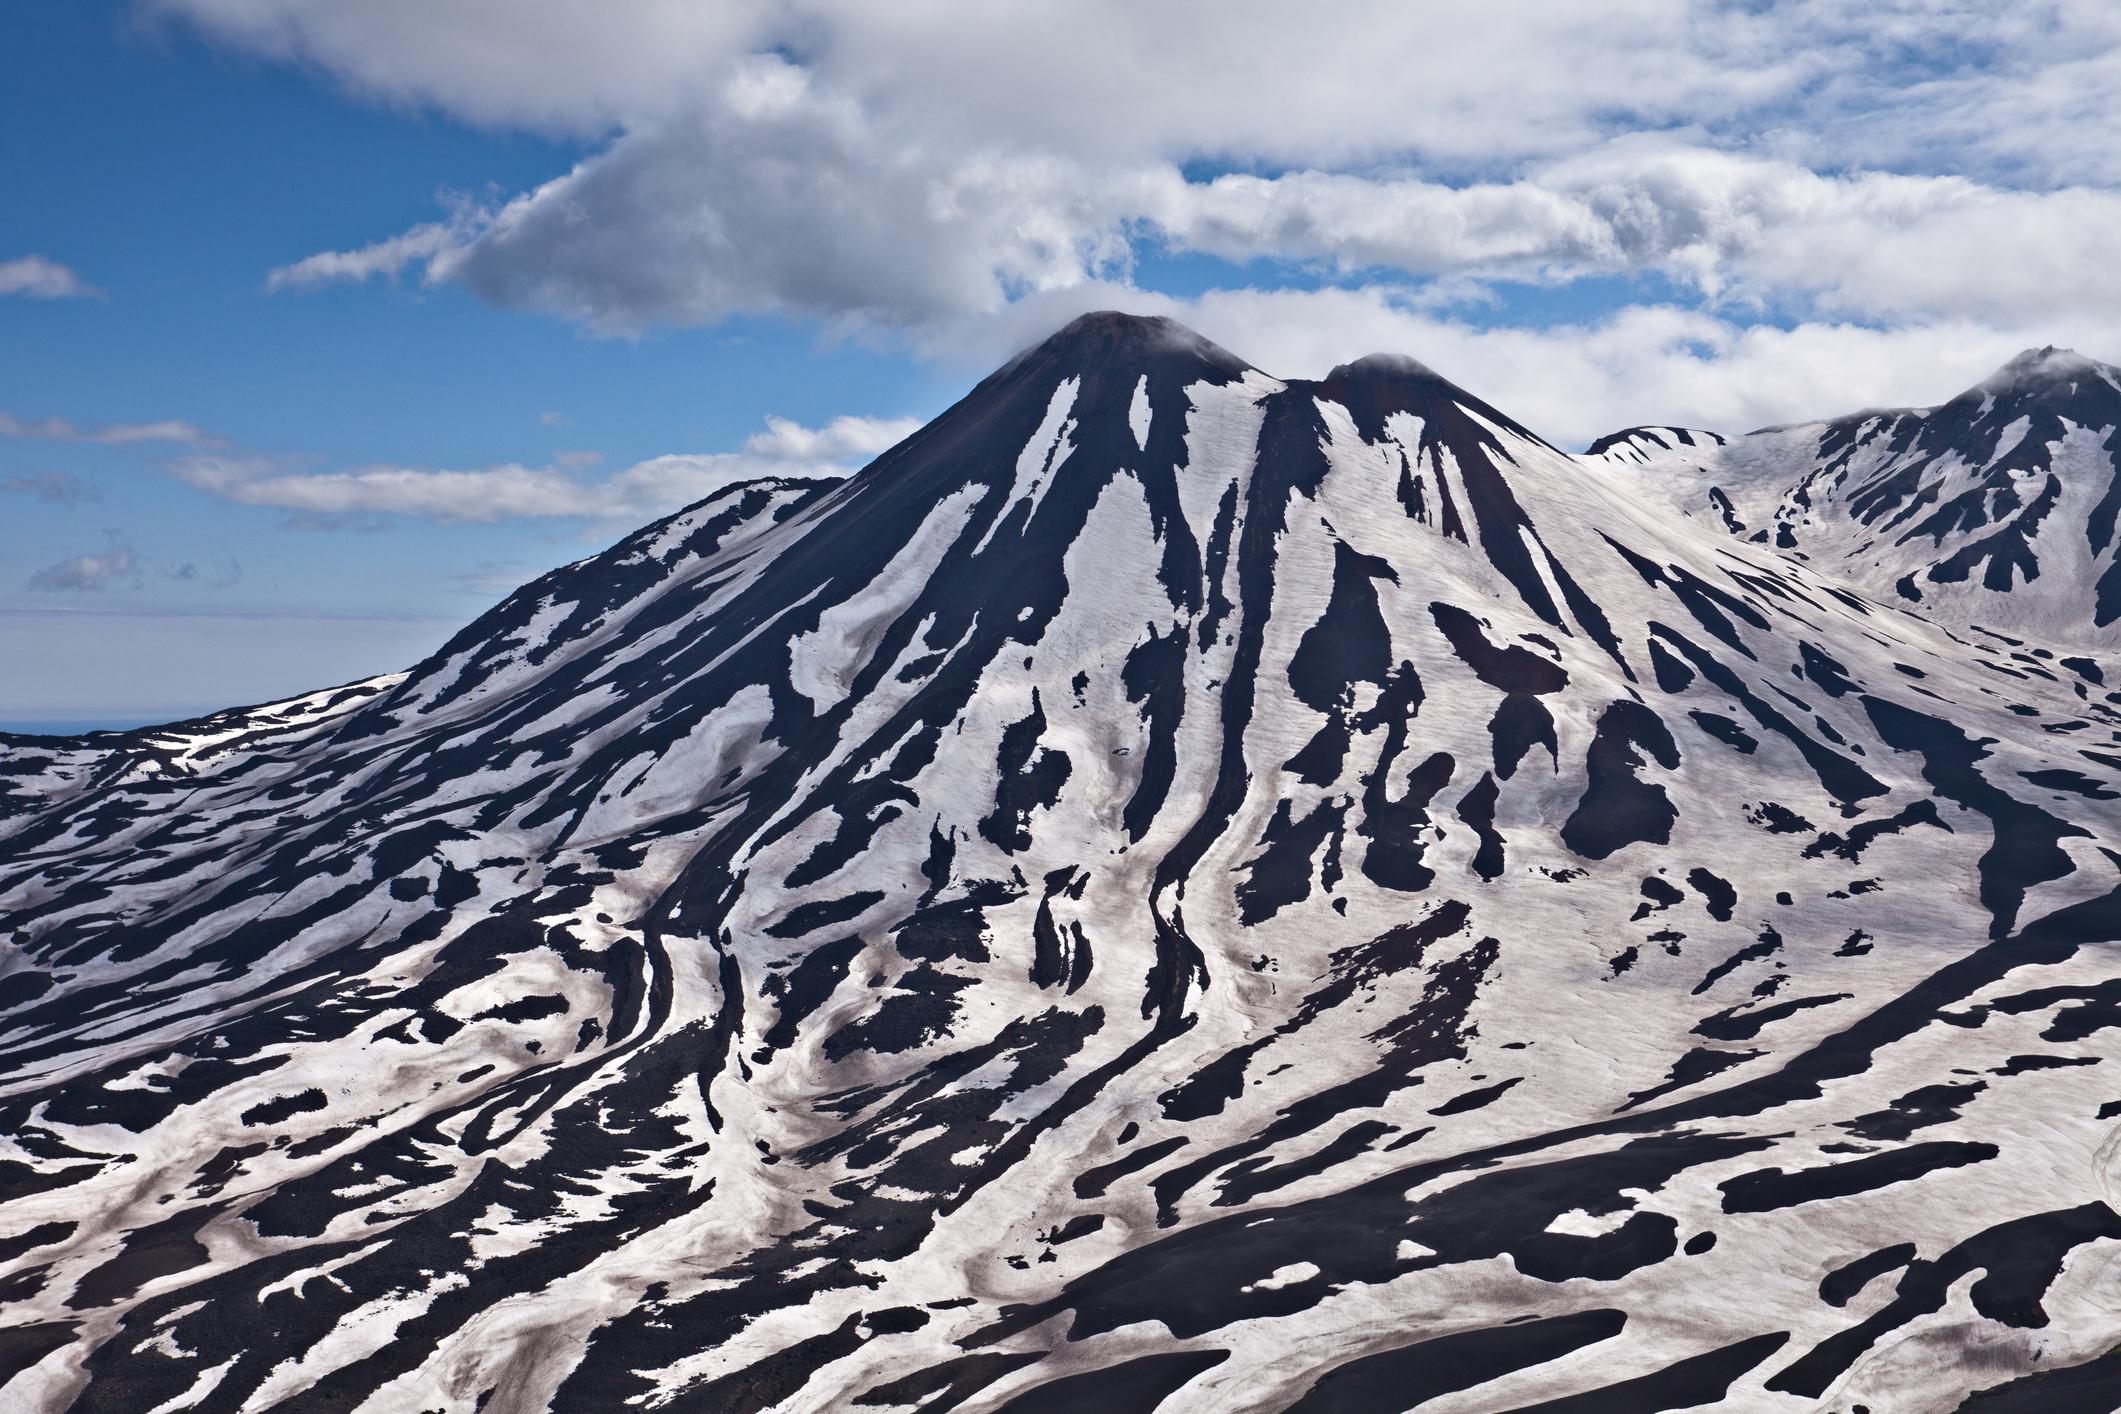 На полуостров Камчатка, в руския Далечен Изток, има място, наречено Долината на смъртта. Високите концентрации на токсични вулканични газове в тази област, представляват сериозна заплаха за всяко живо същество.